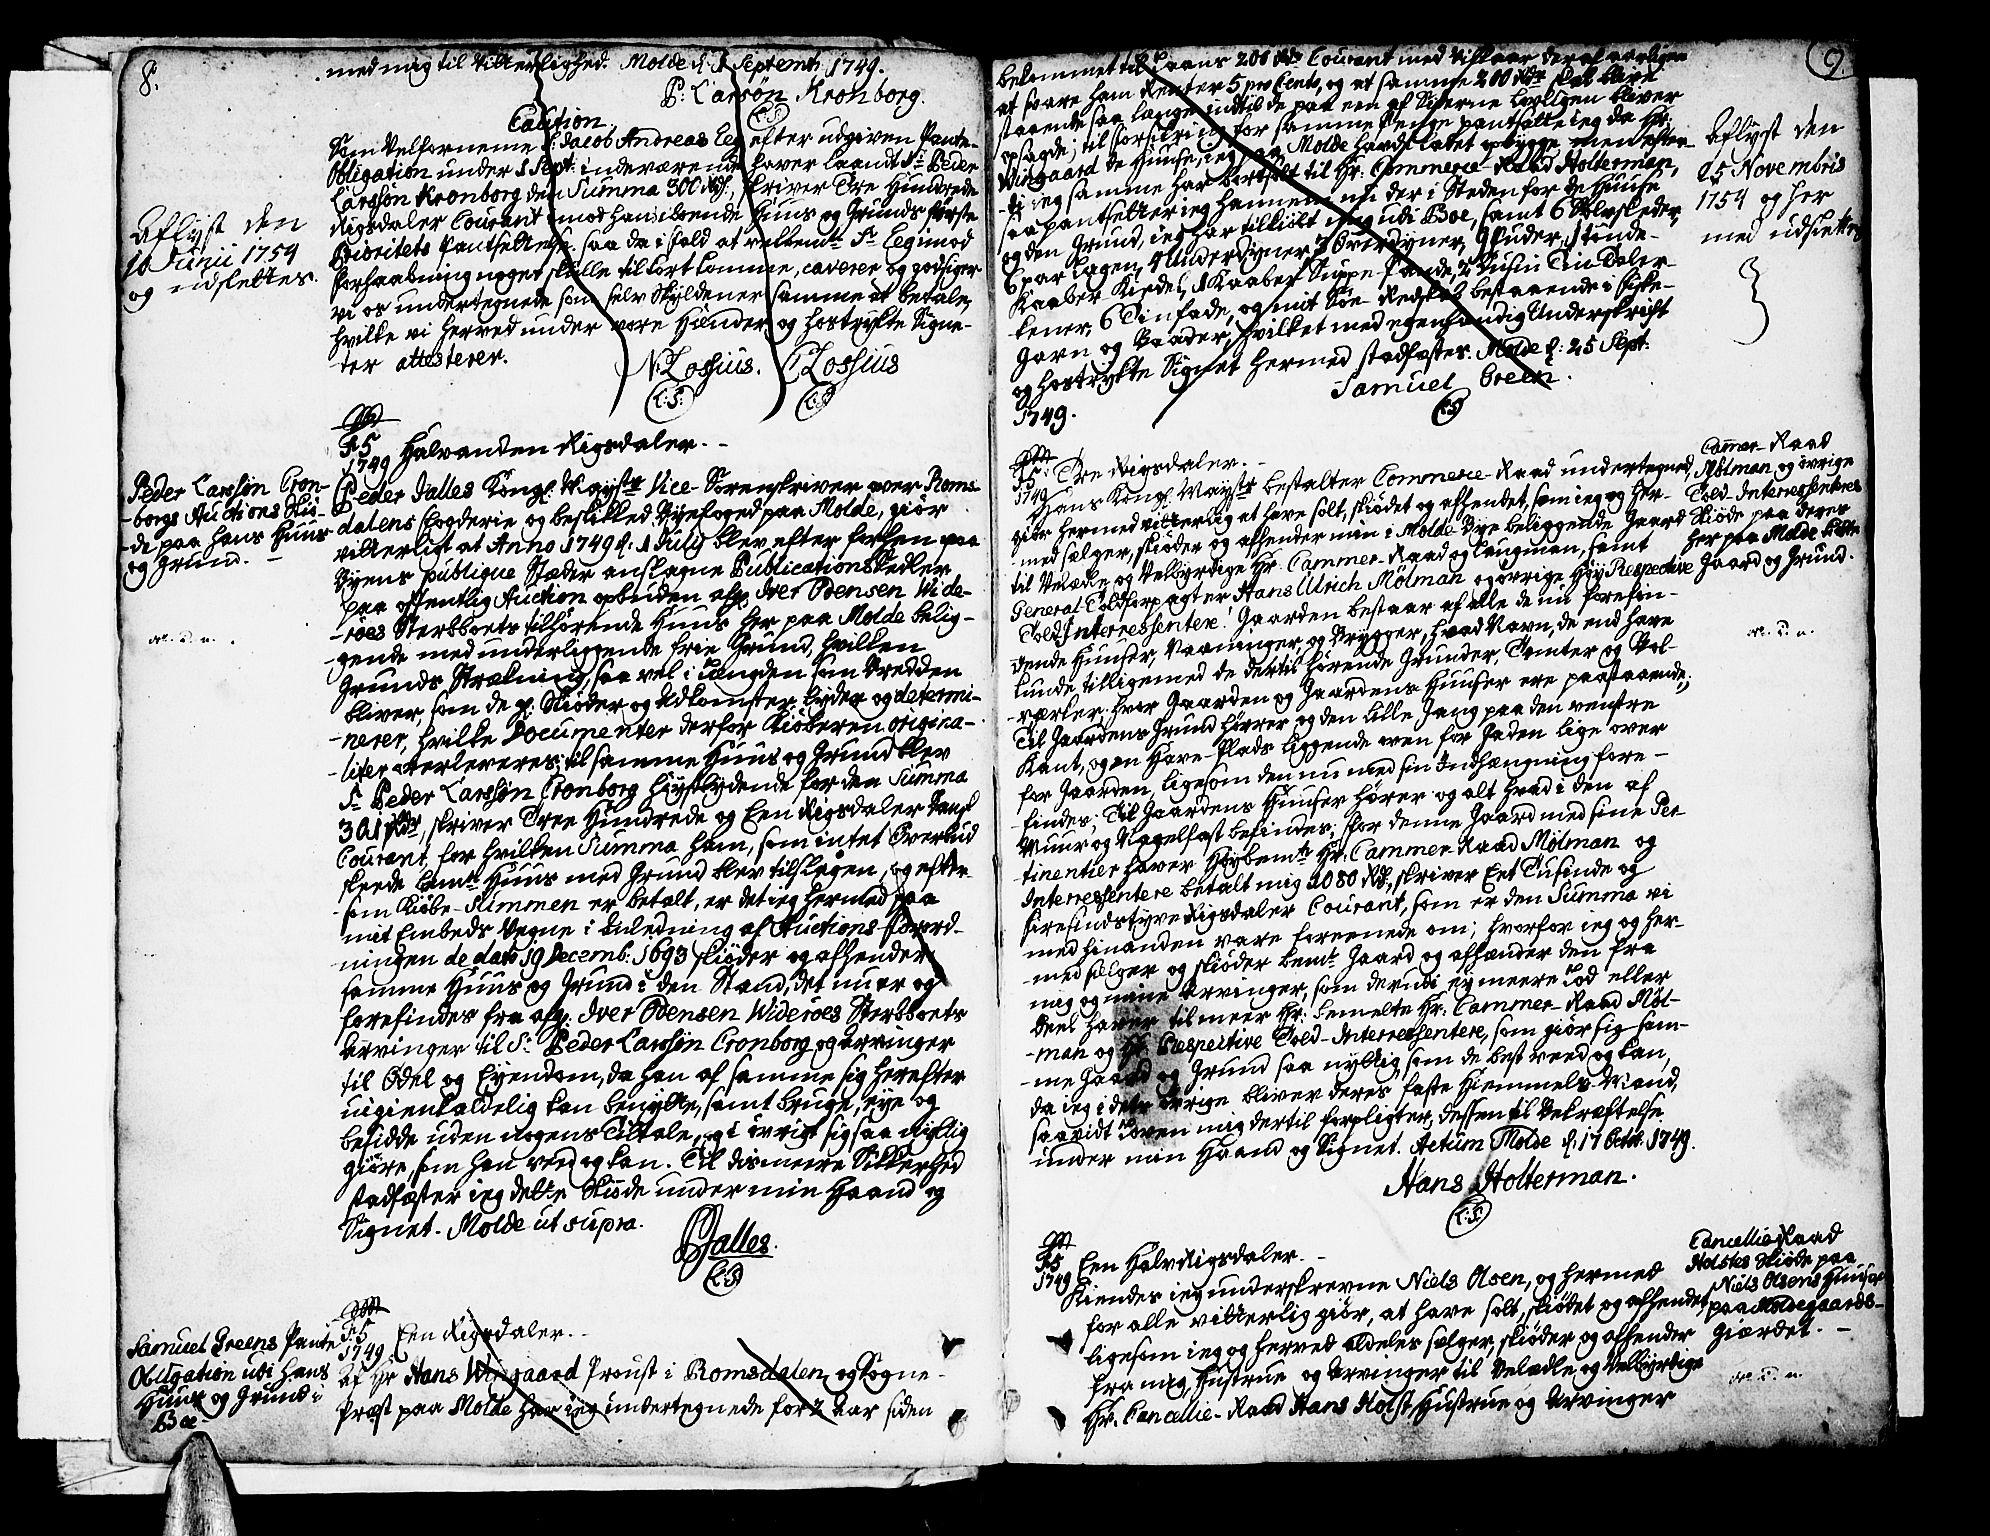 SAT, Molde byfogd, 2/2C/L0001: Pantebok nr. 1, 1748-1823, s. 8-9